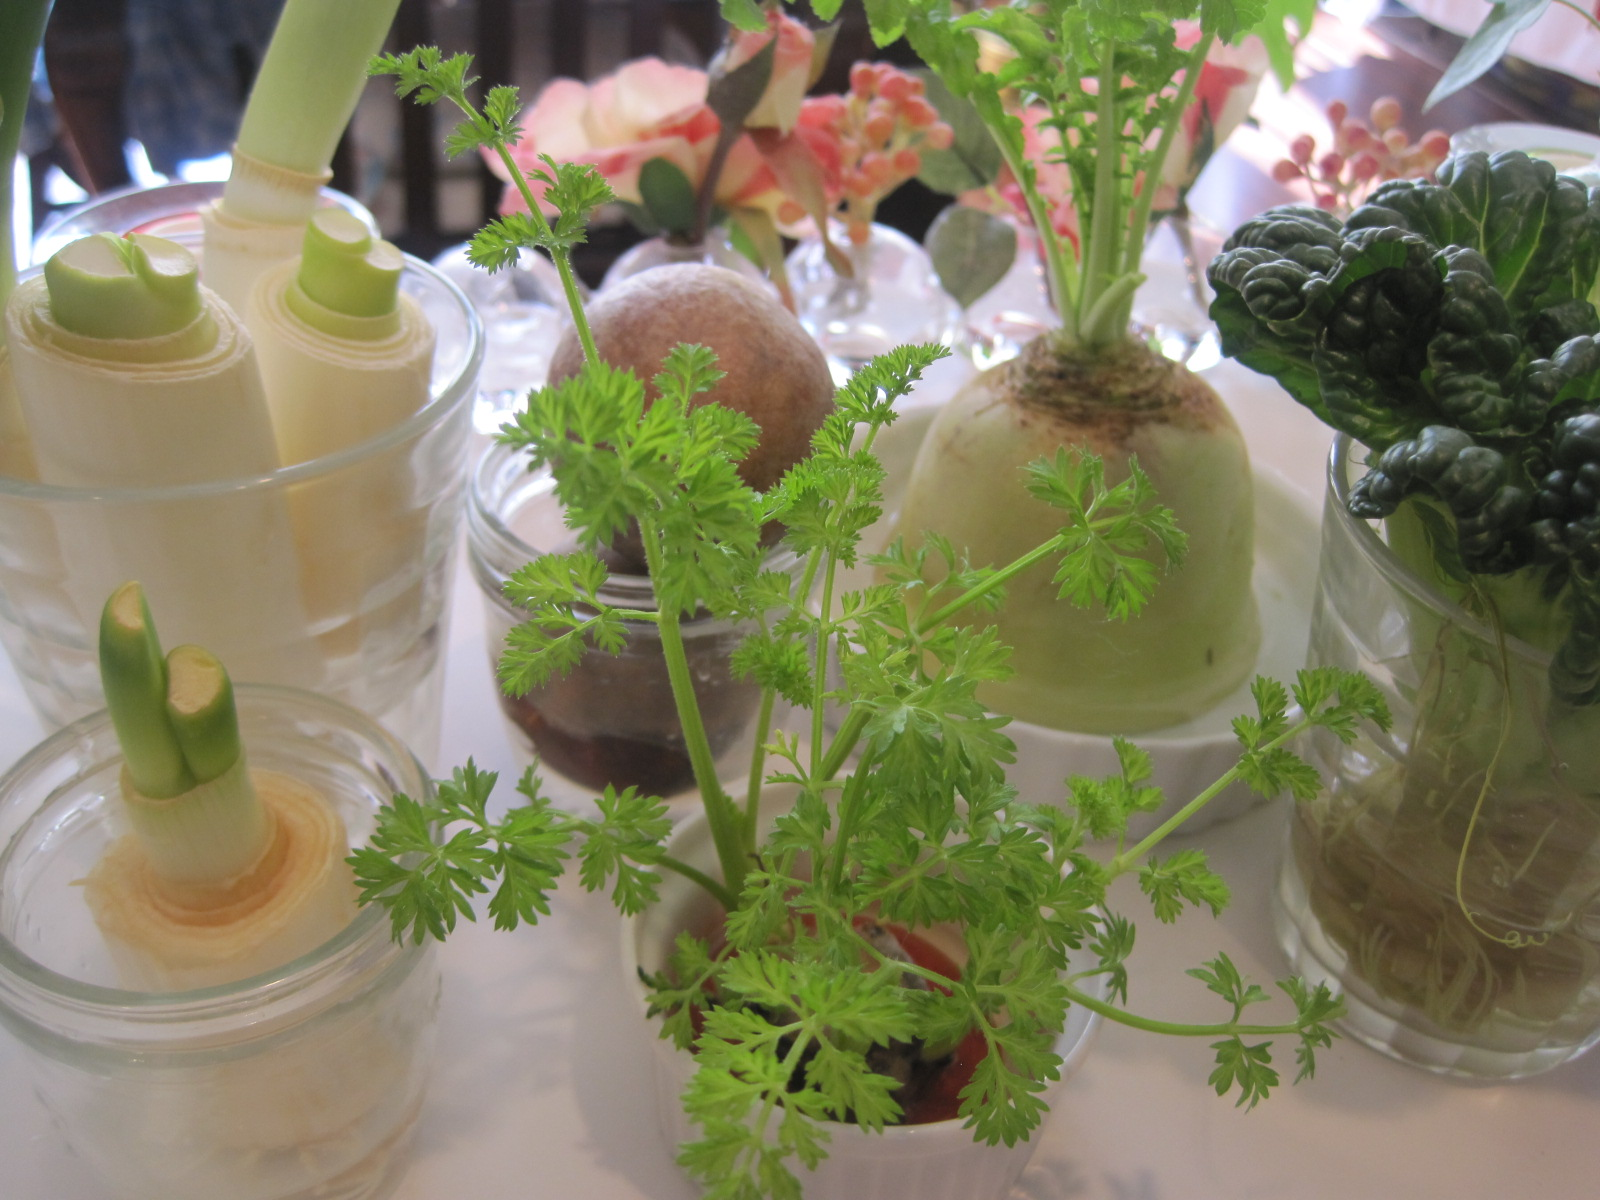 野菜クズで、ECO菜園?_f0236260_23203072.jpg